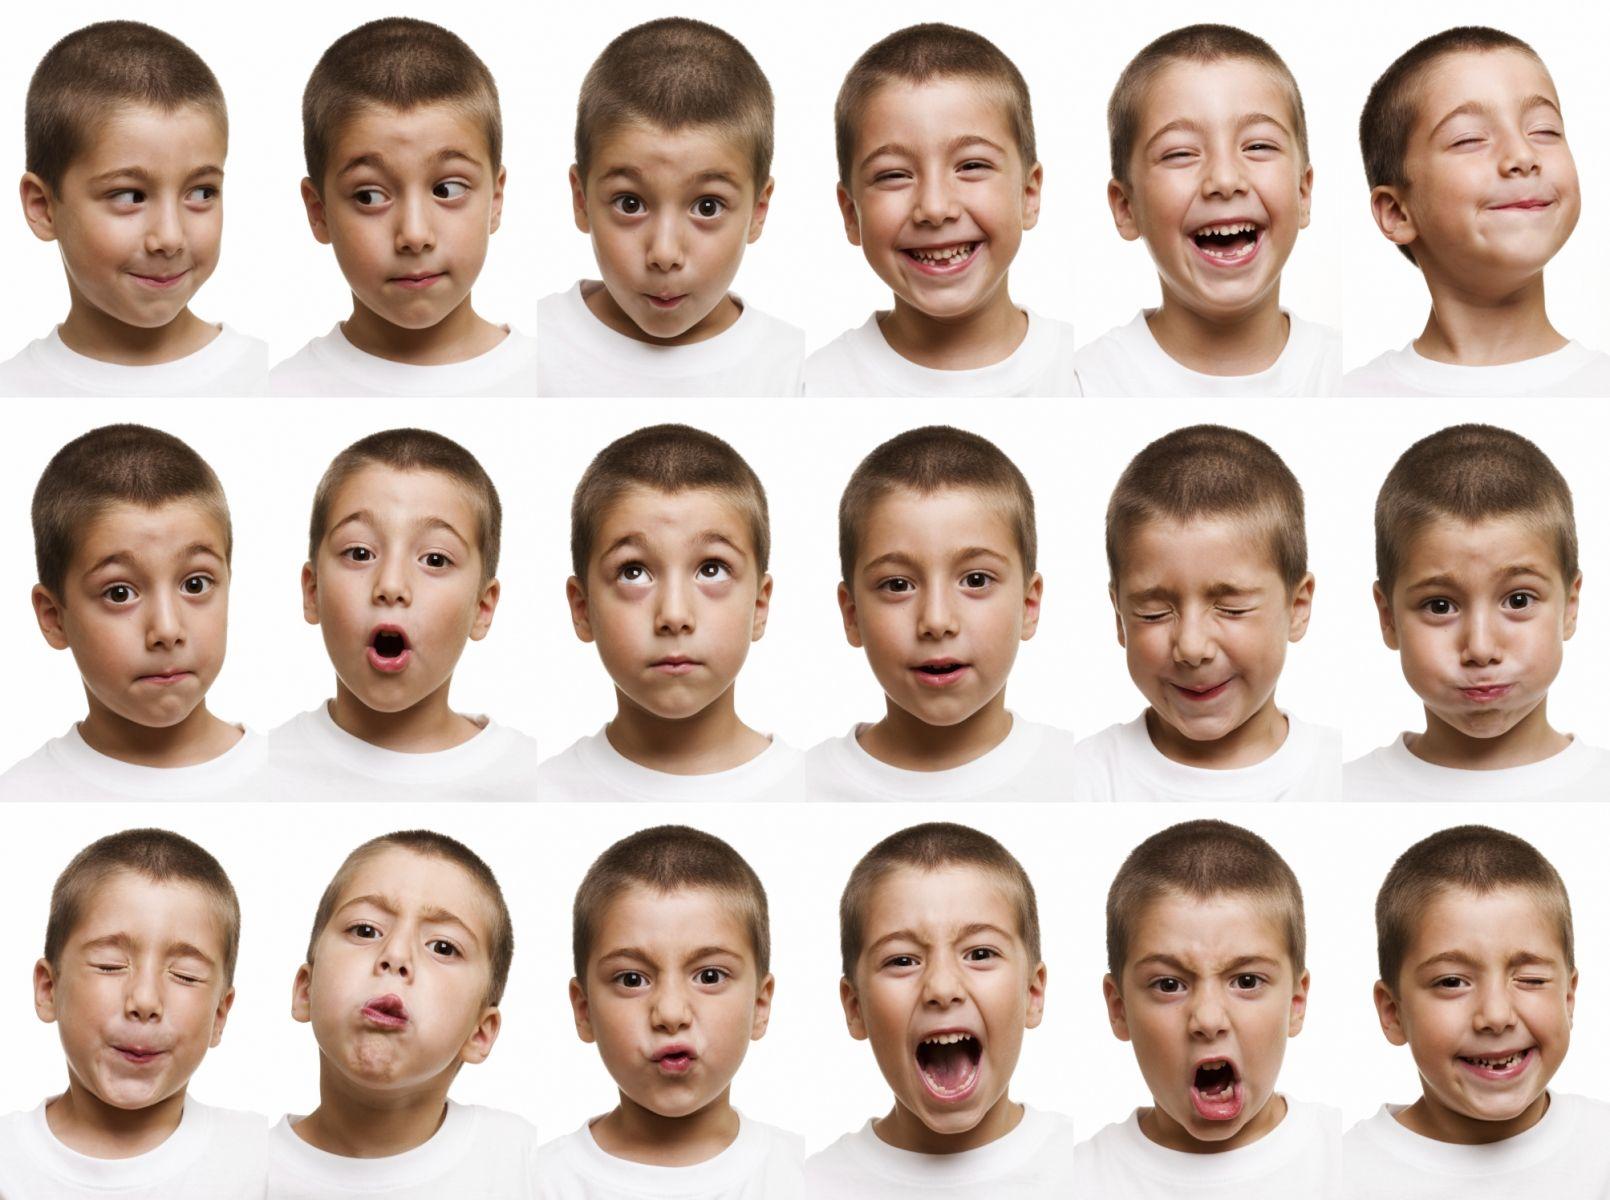 Картинки с выражением эмоций